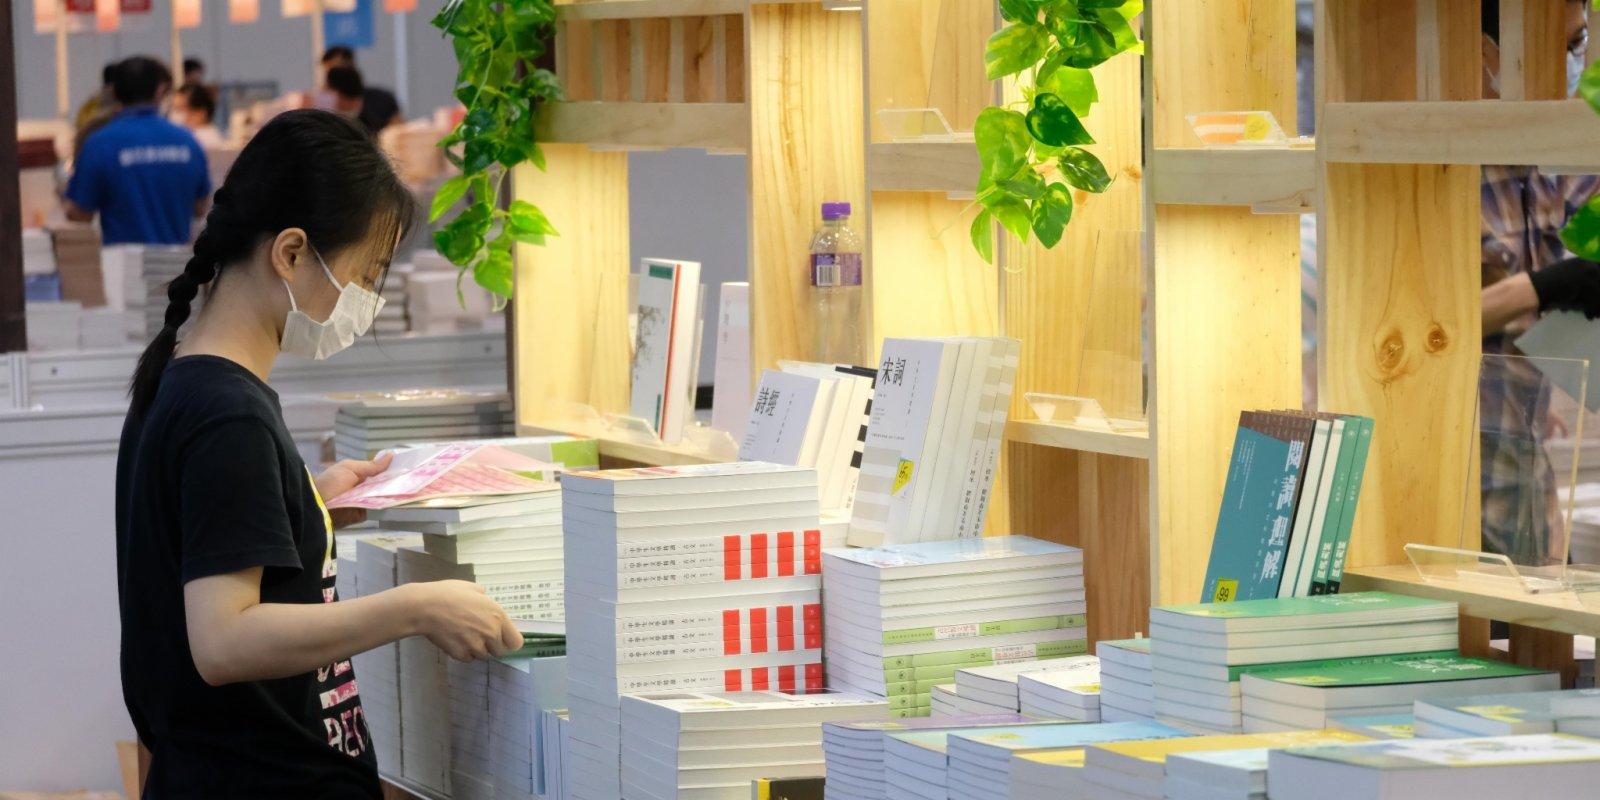 (多圖)書展明開鑼 展覽現場搶先睇